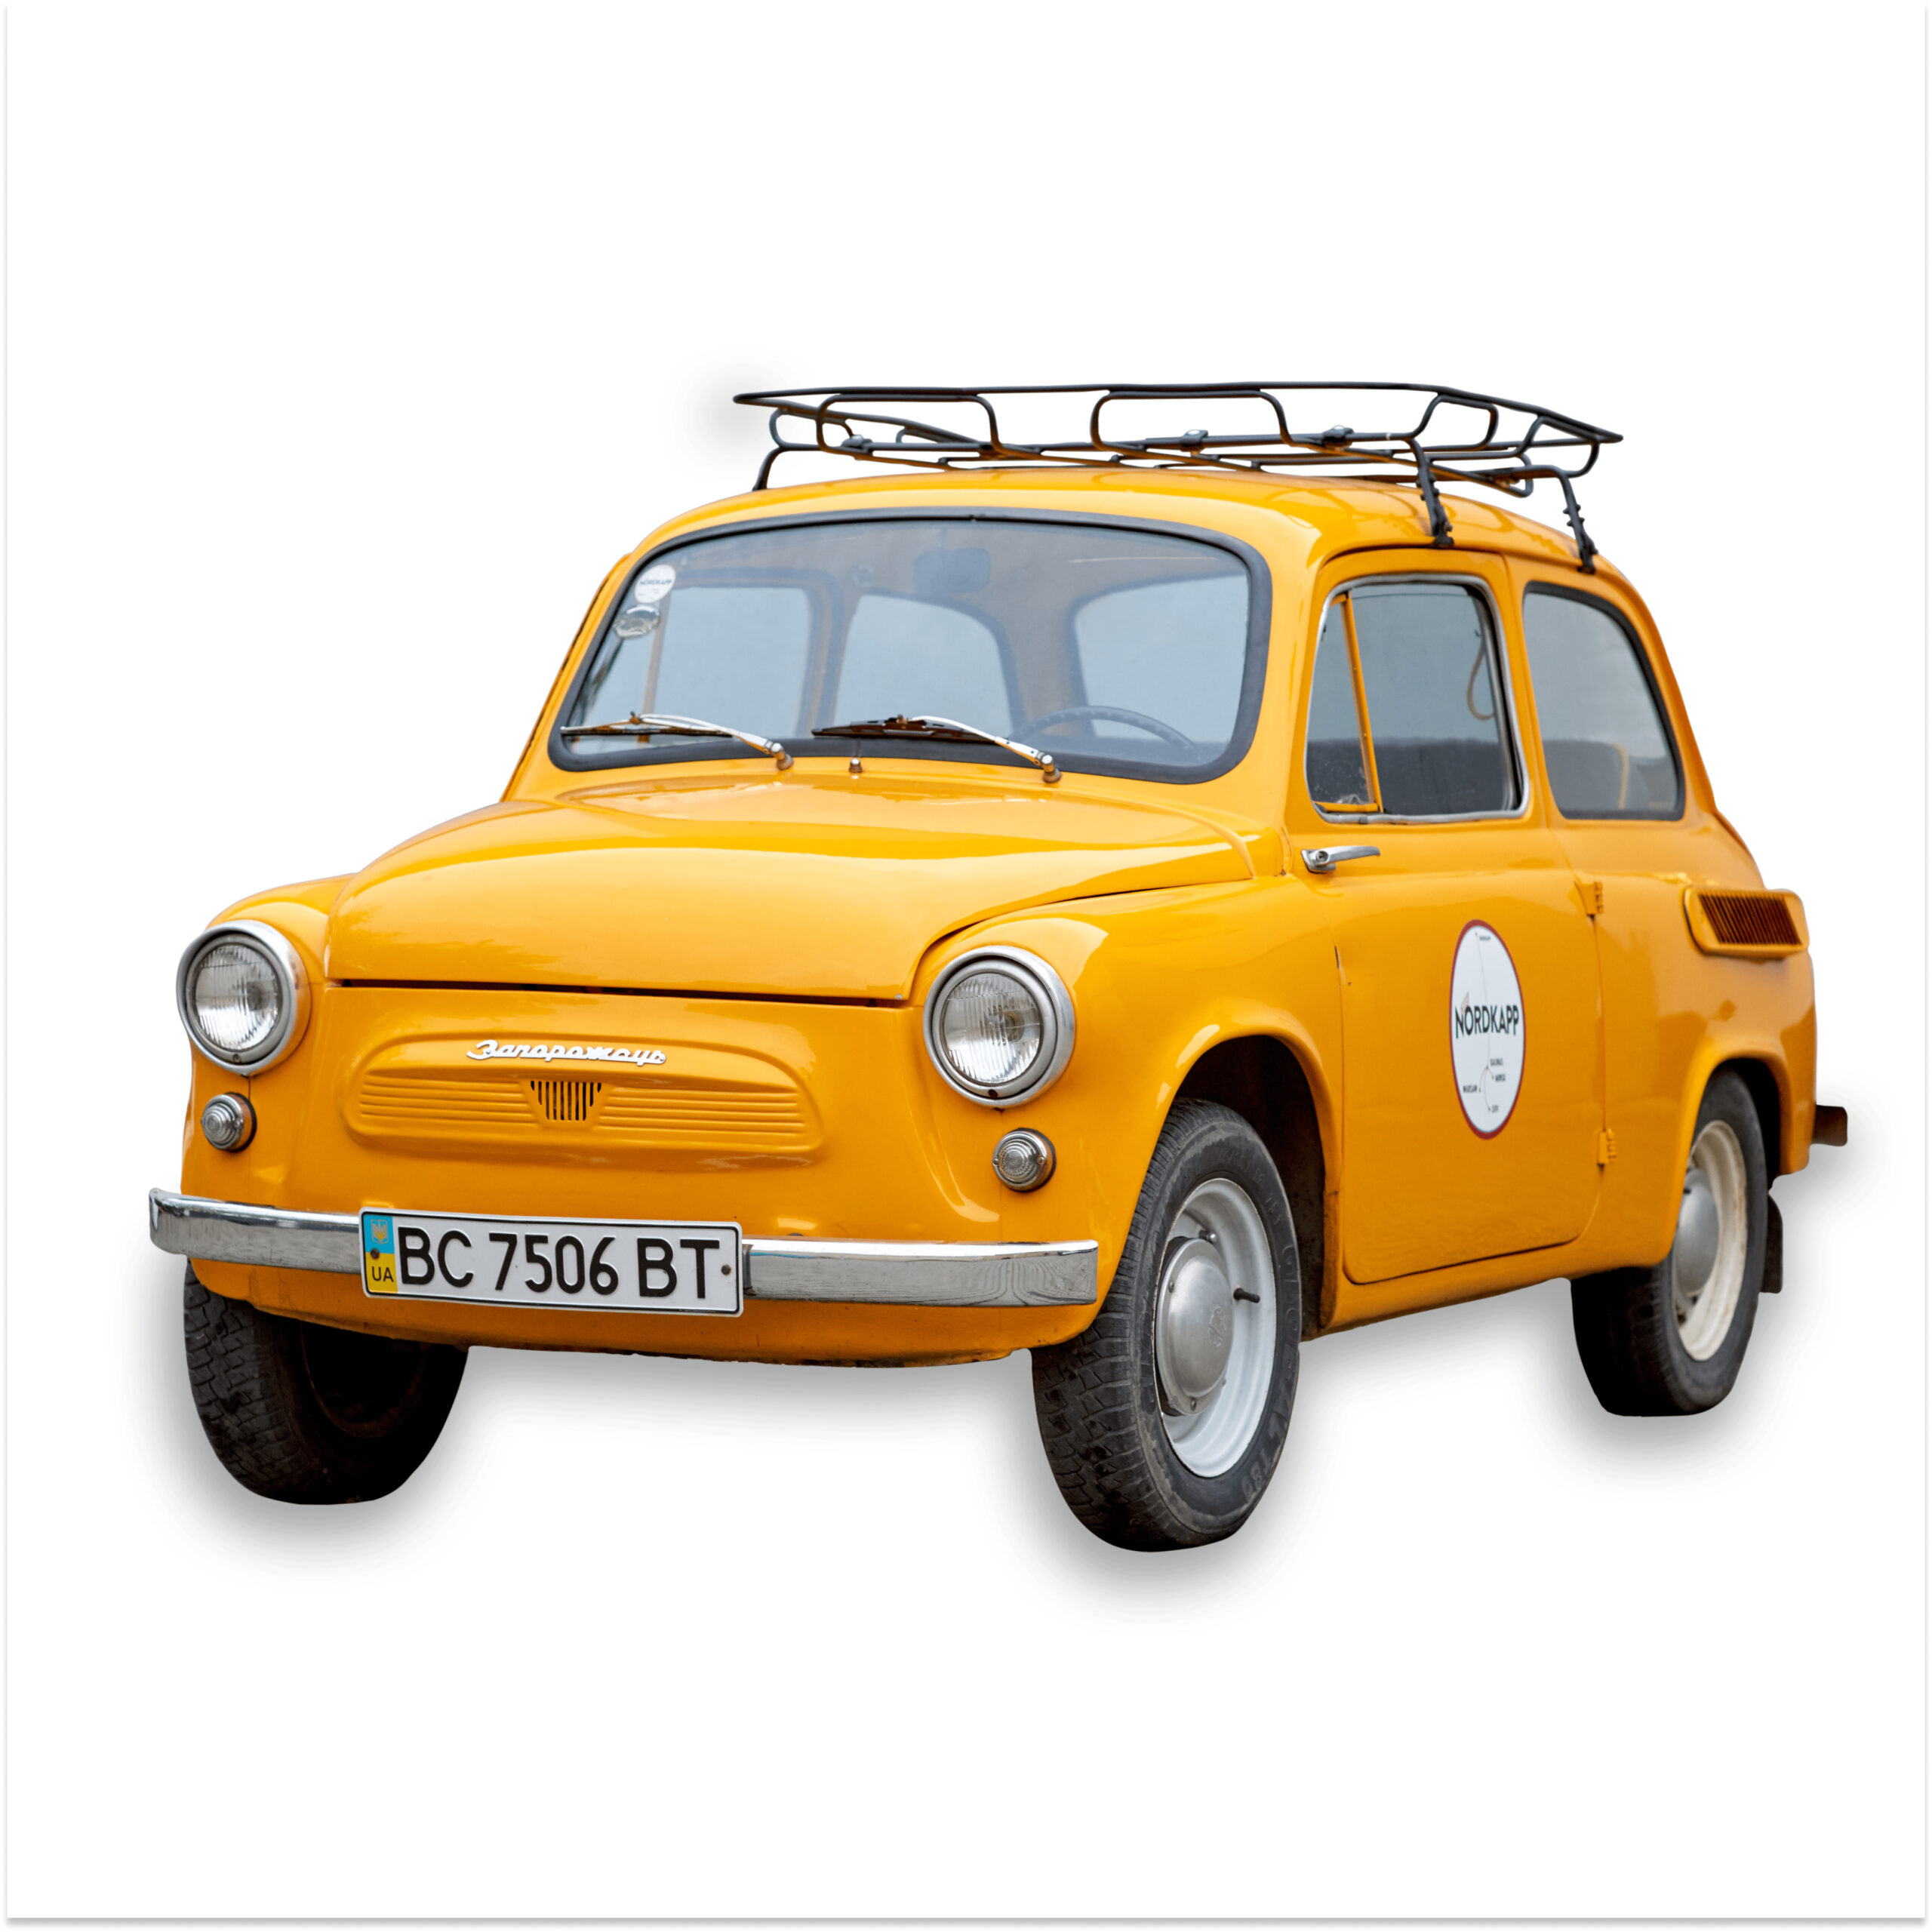 ЗАЗ - 965, 1968, Україна